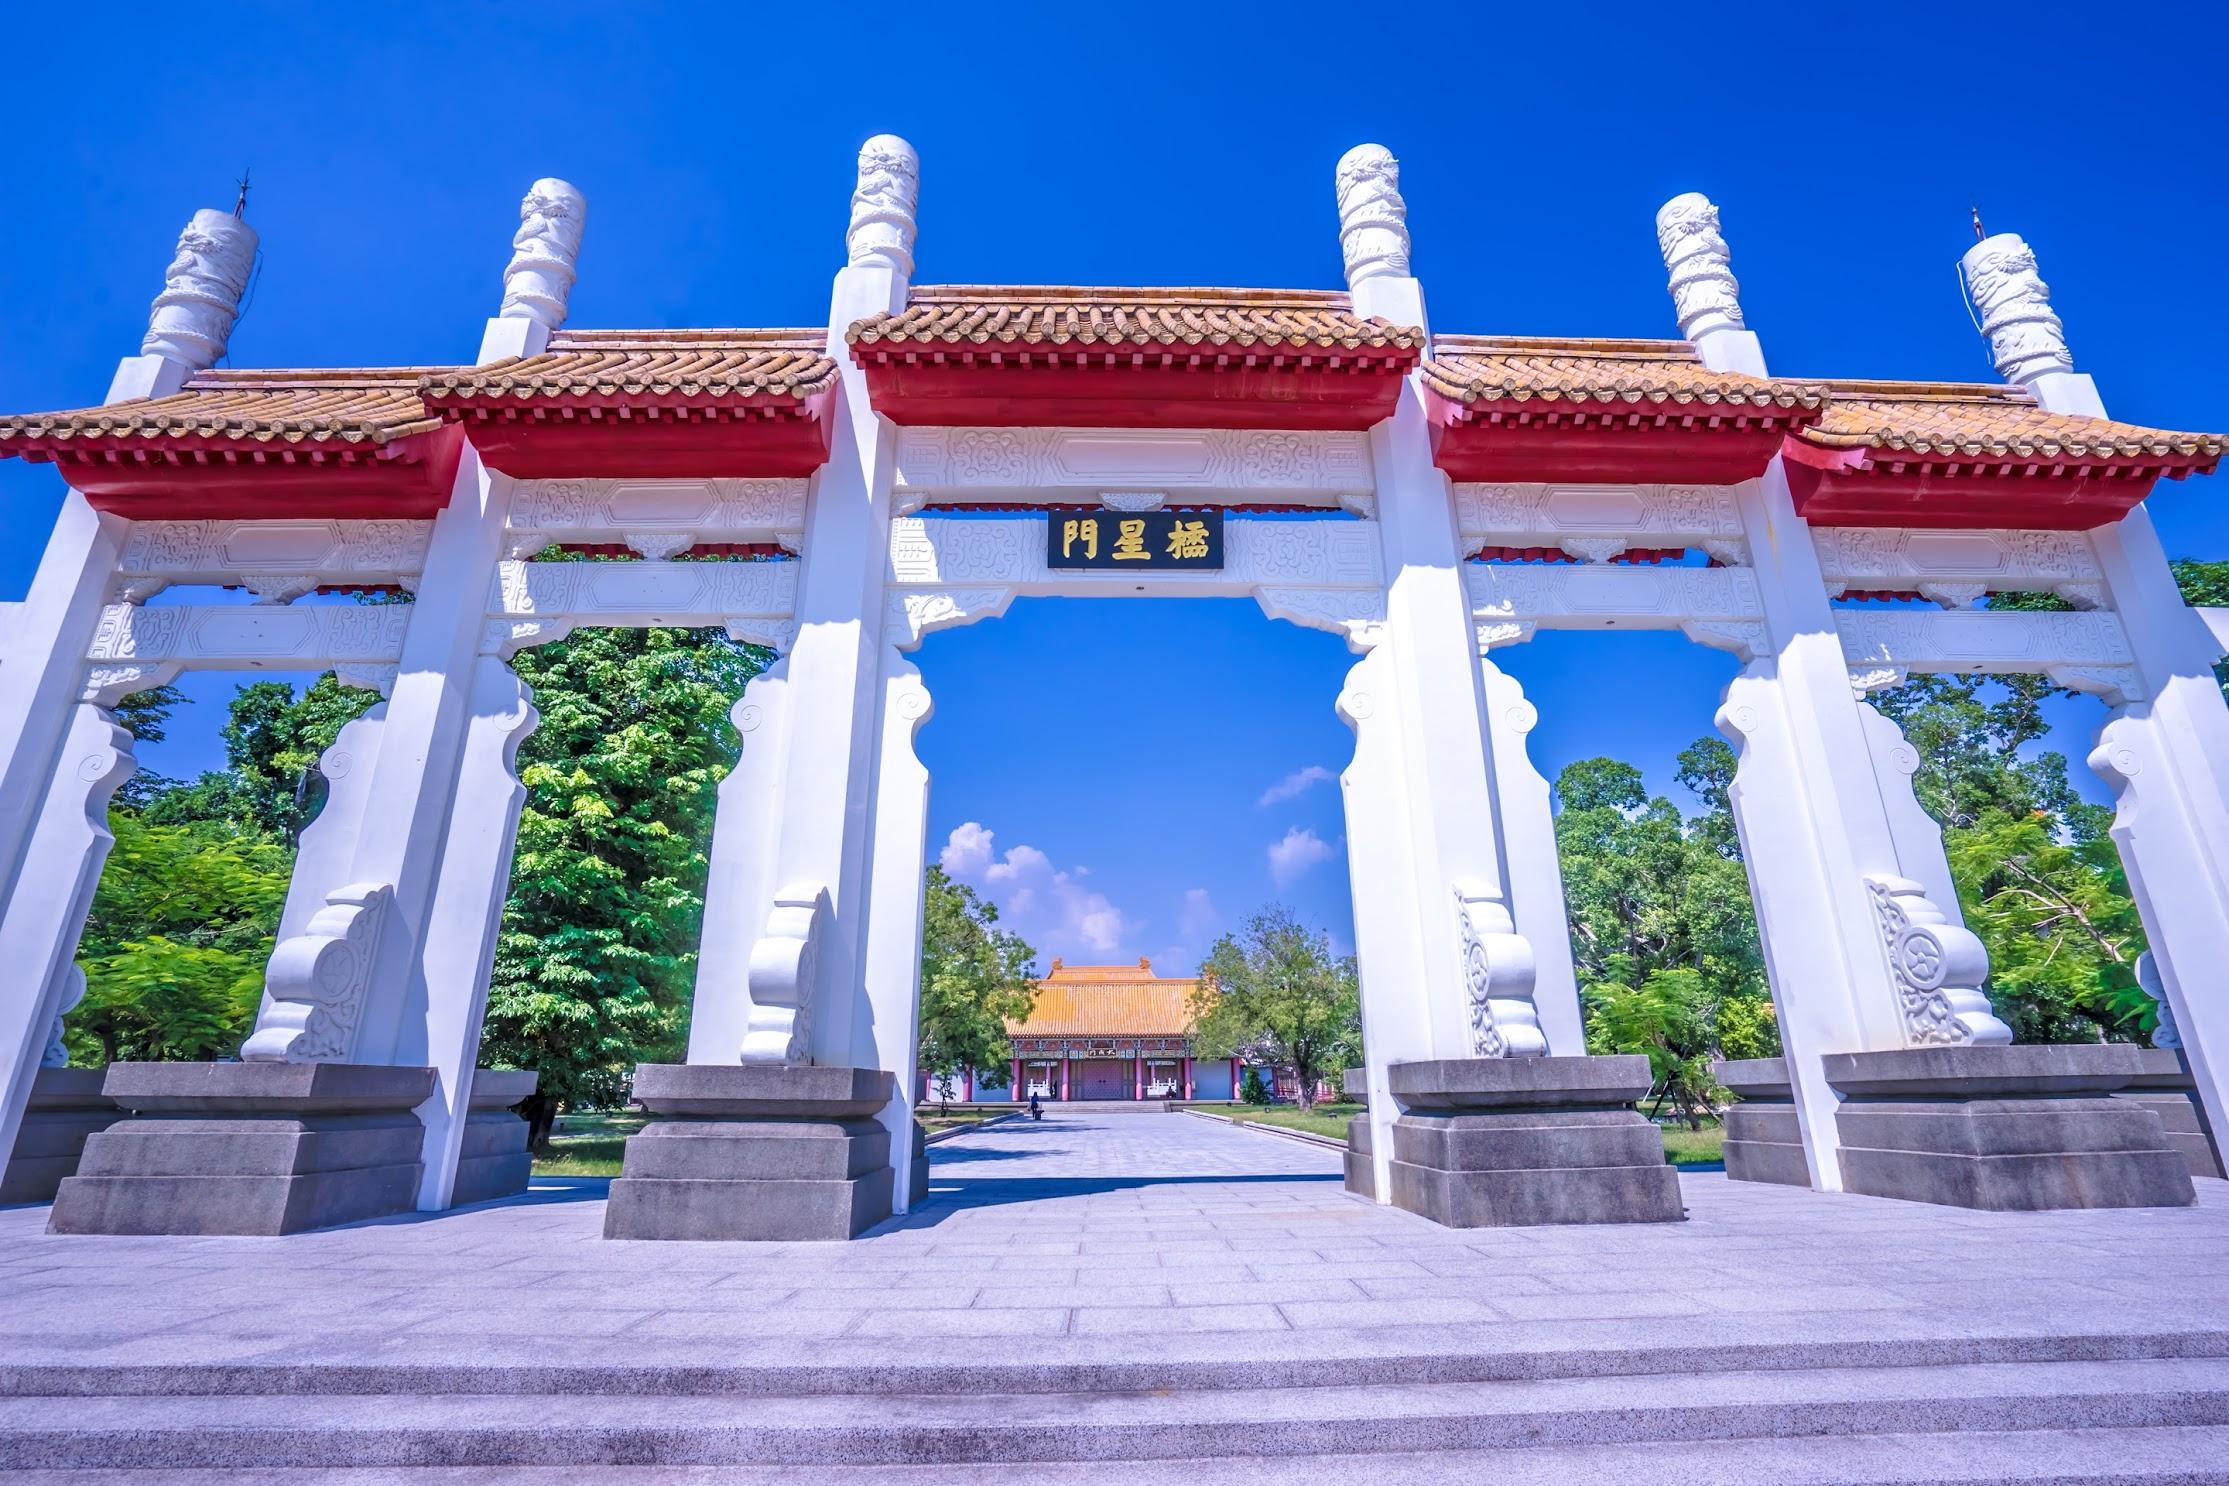 高雄 蓮池潭 孔子廟1